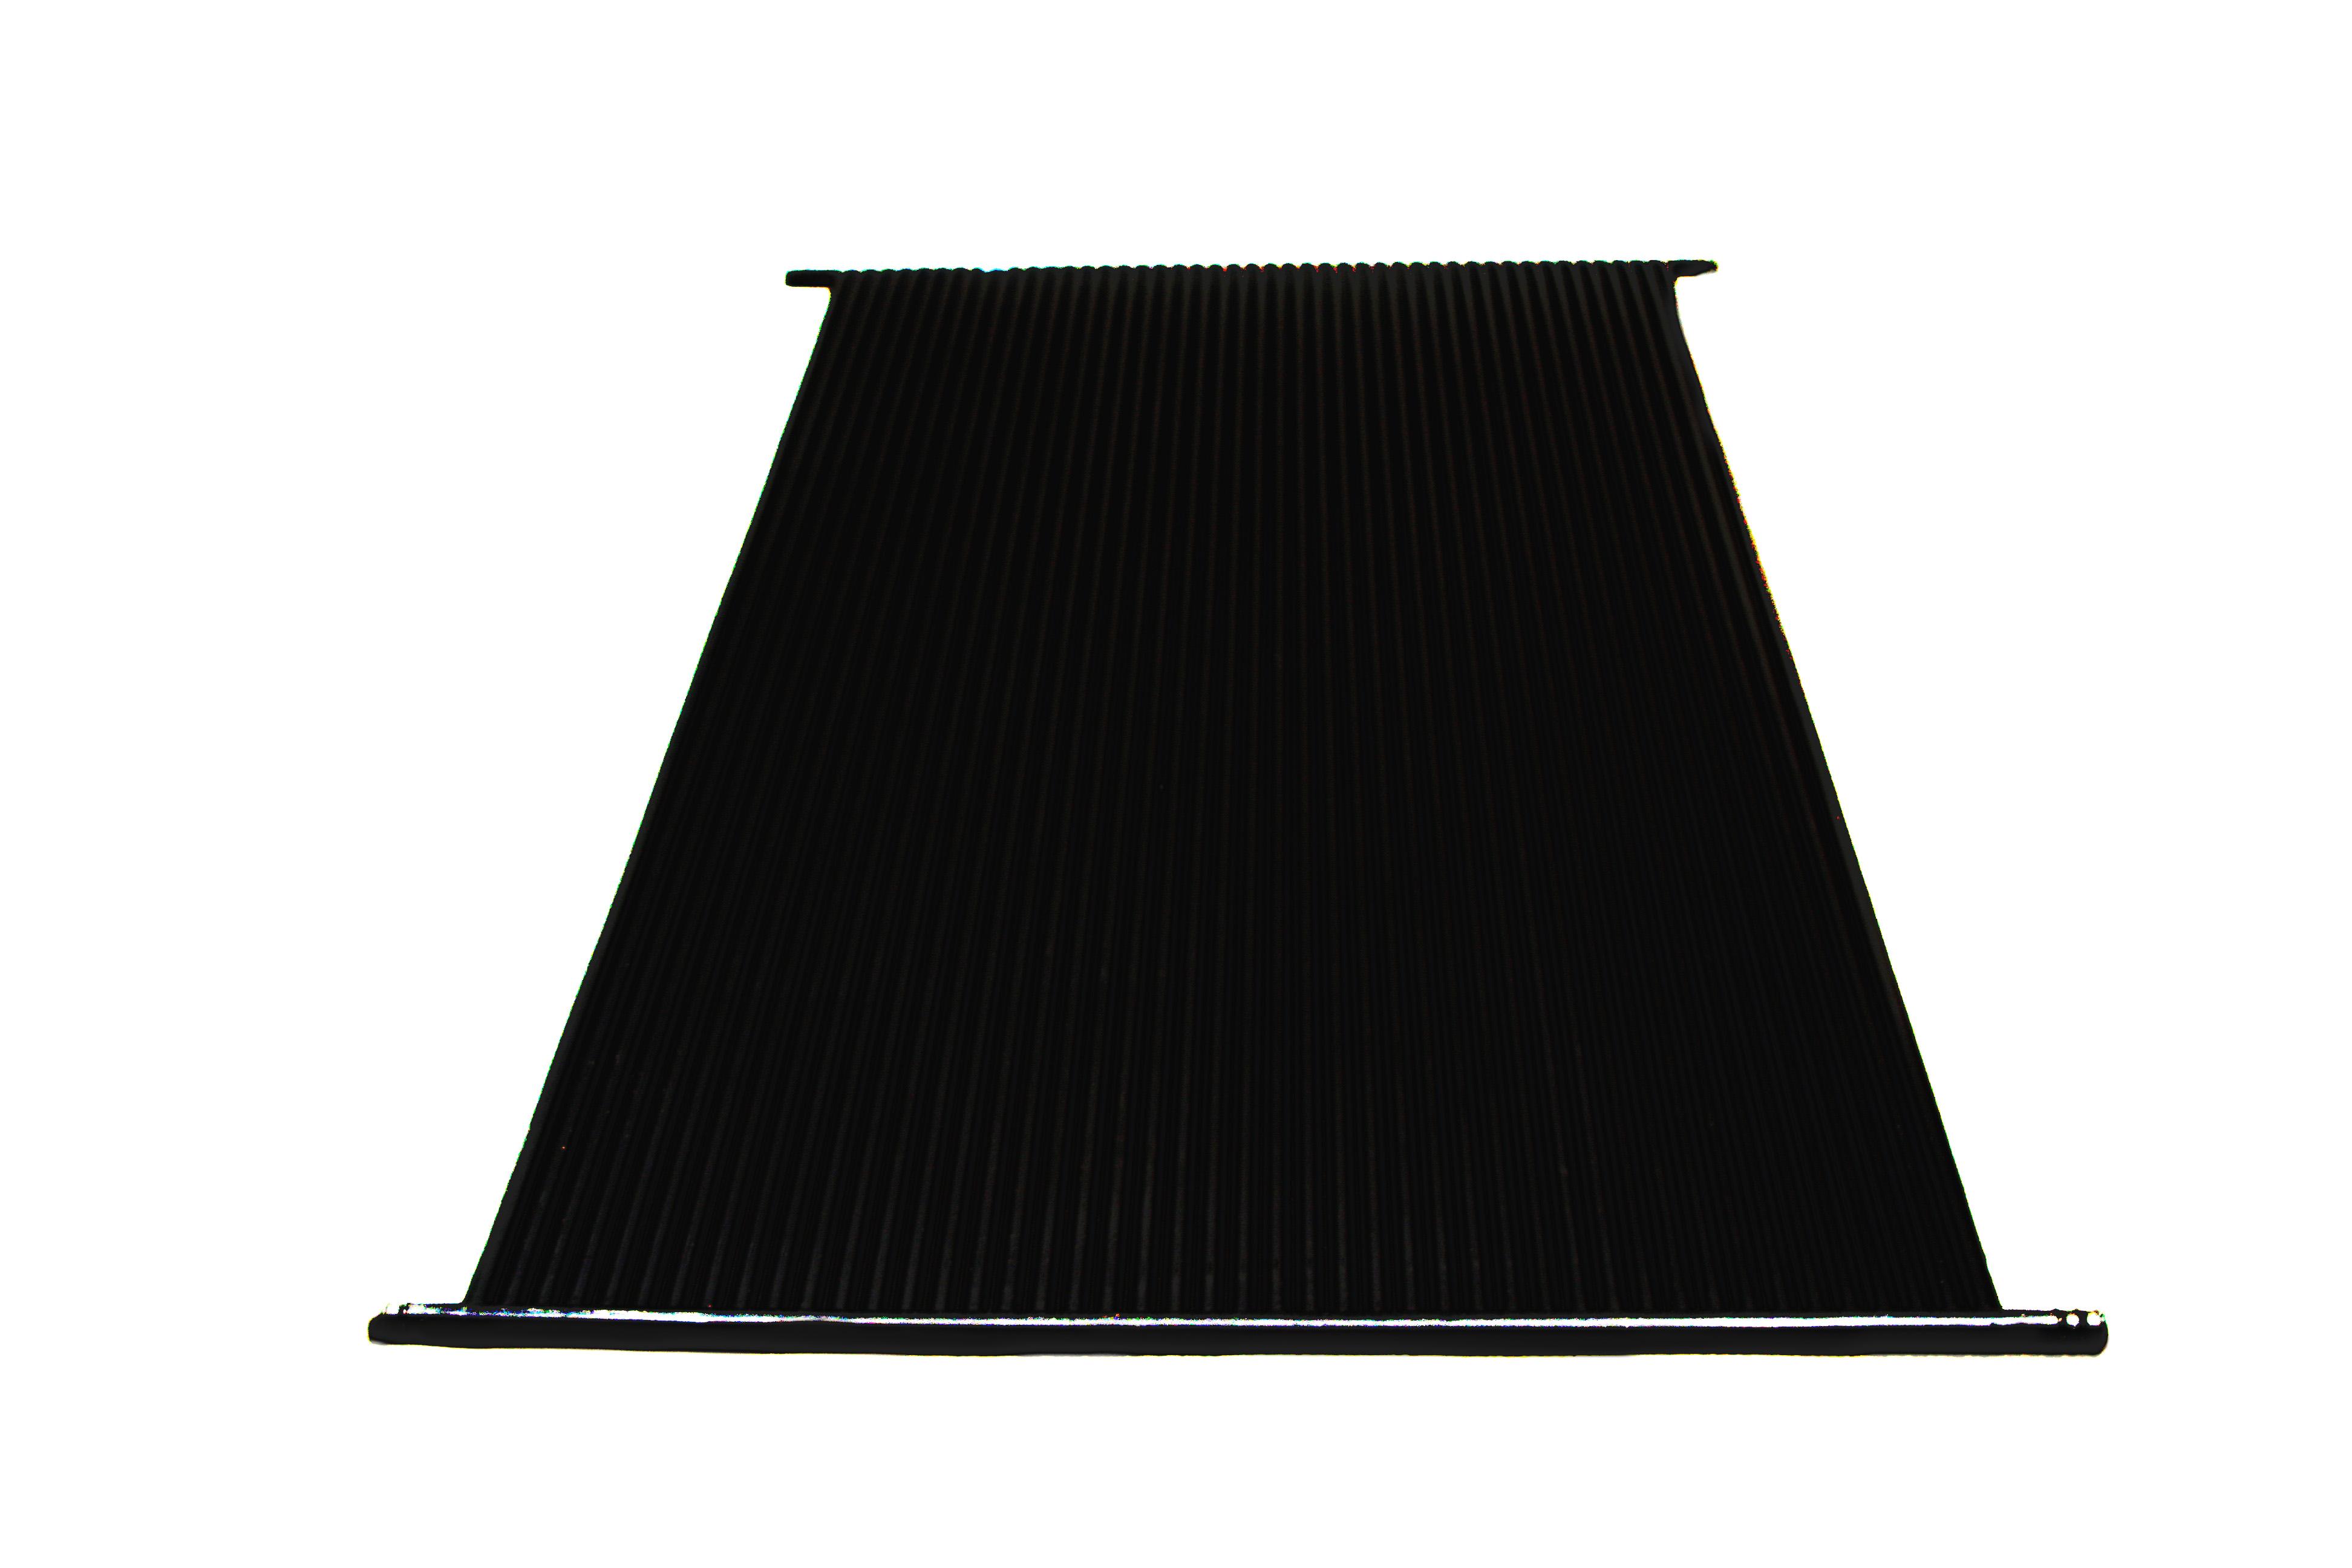 sistema de calefacciÓn solar para piscinas medellin colombia